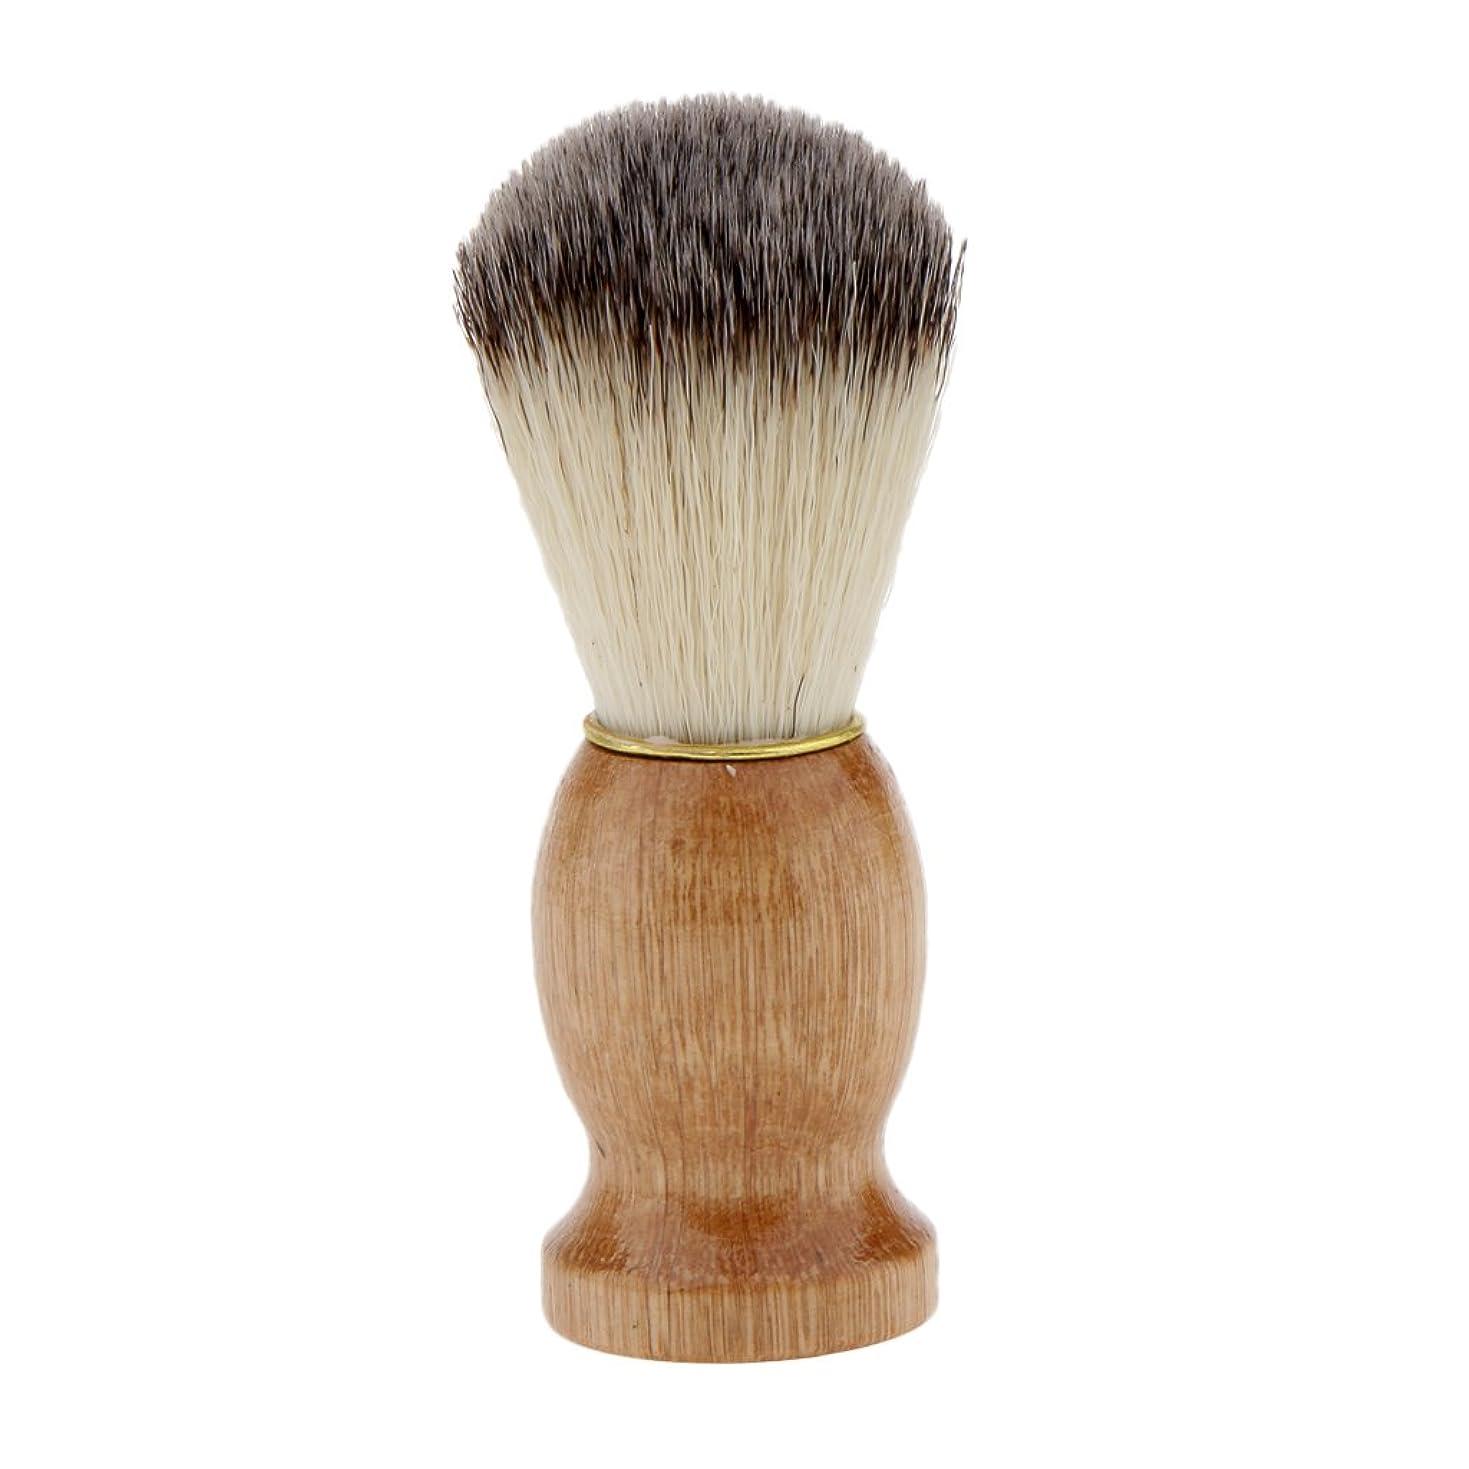 昆虫カートン散髪Baosity シェービングブラシ ひげ剃りブラシ 洗顔 コスメブラシ 木製ハンドル メンズ 高品質 プレゼント